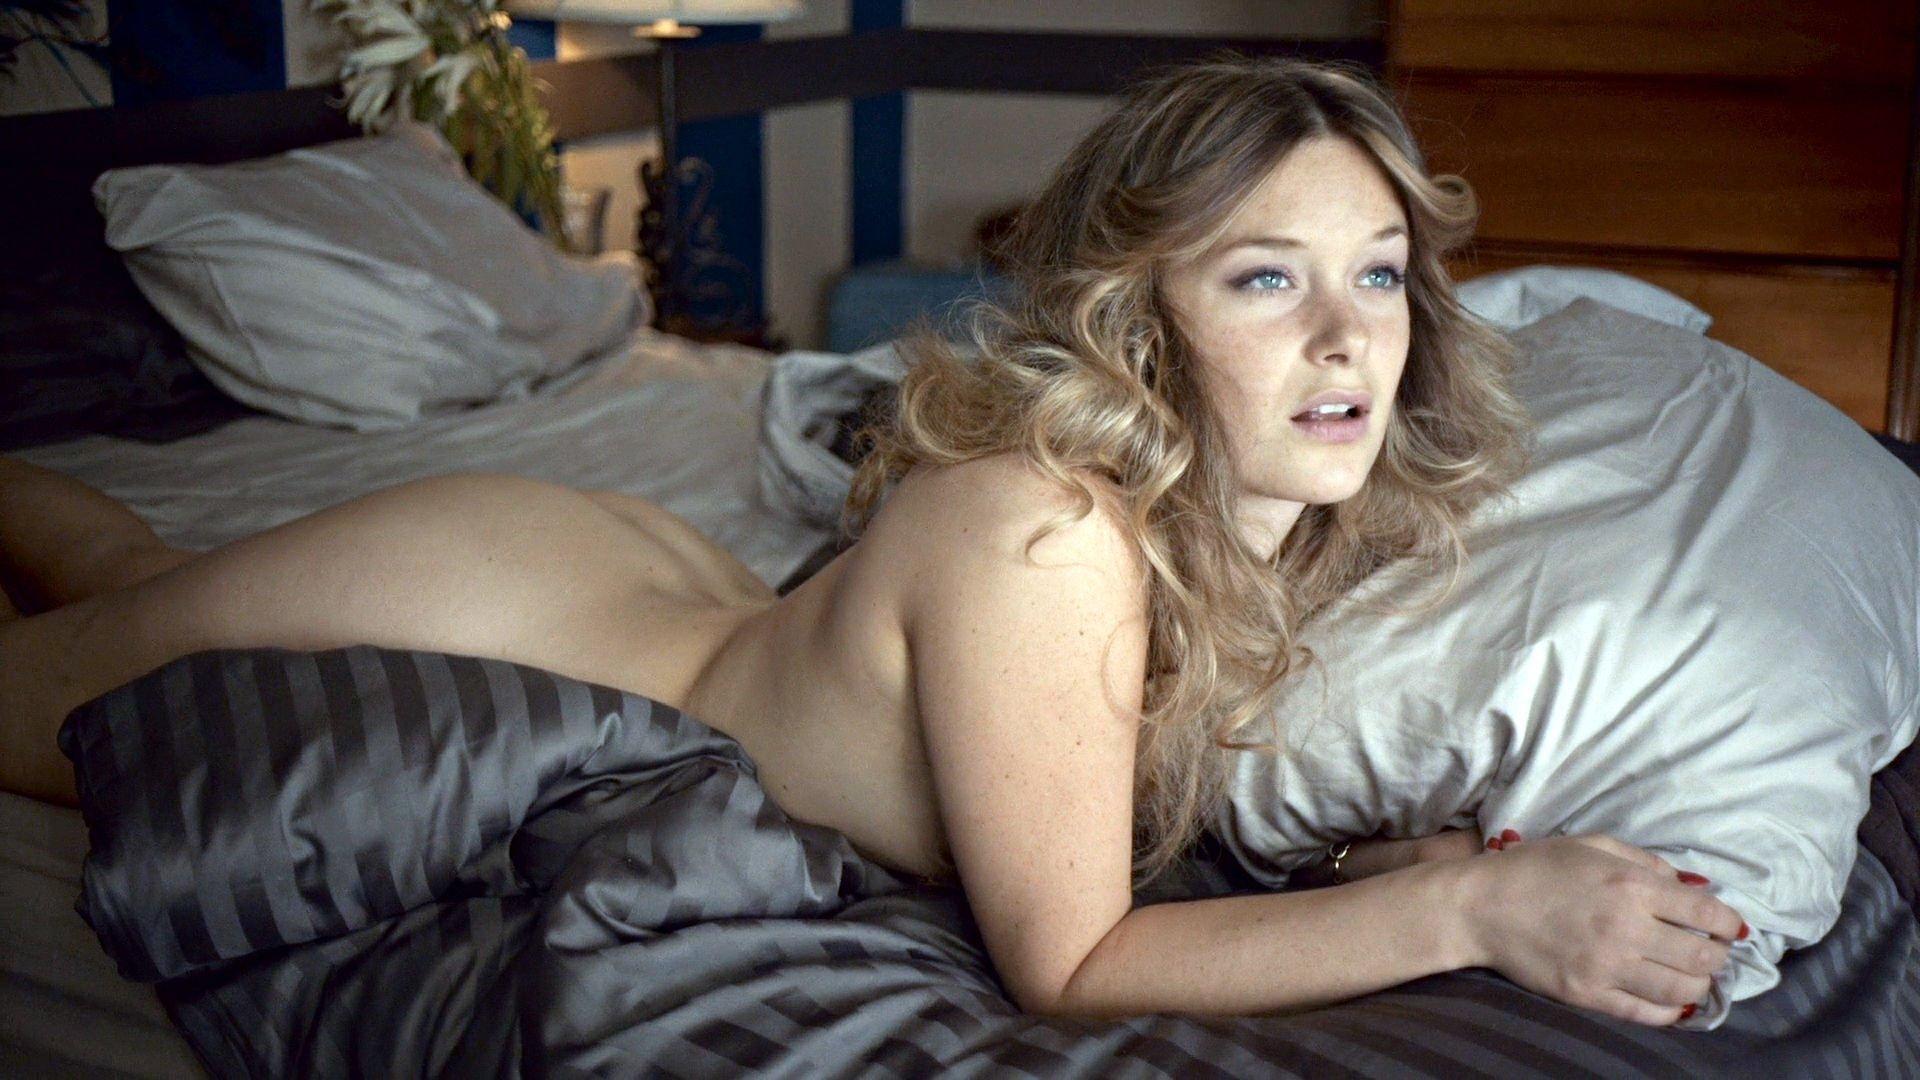 пишете! Продолжайте том Фото секса нудистов на природе хочу ориенитррваться при выброе